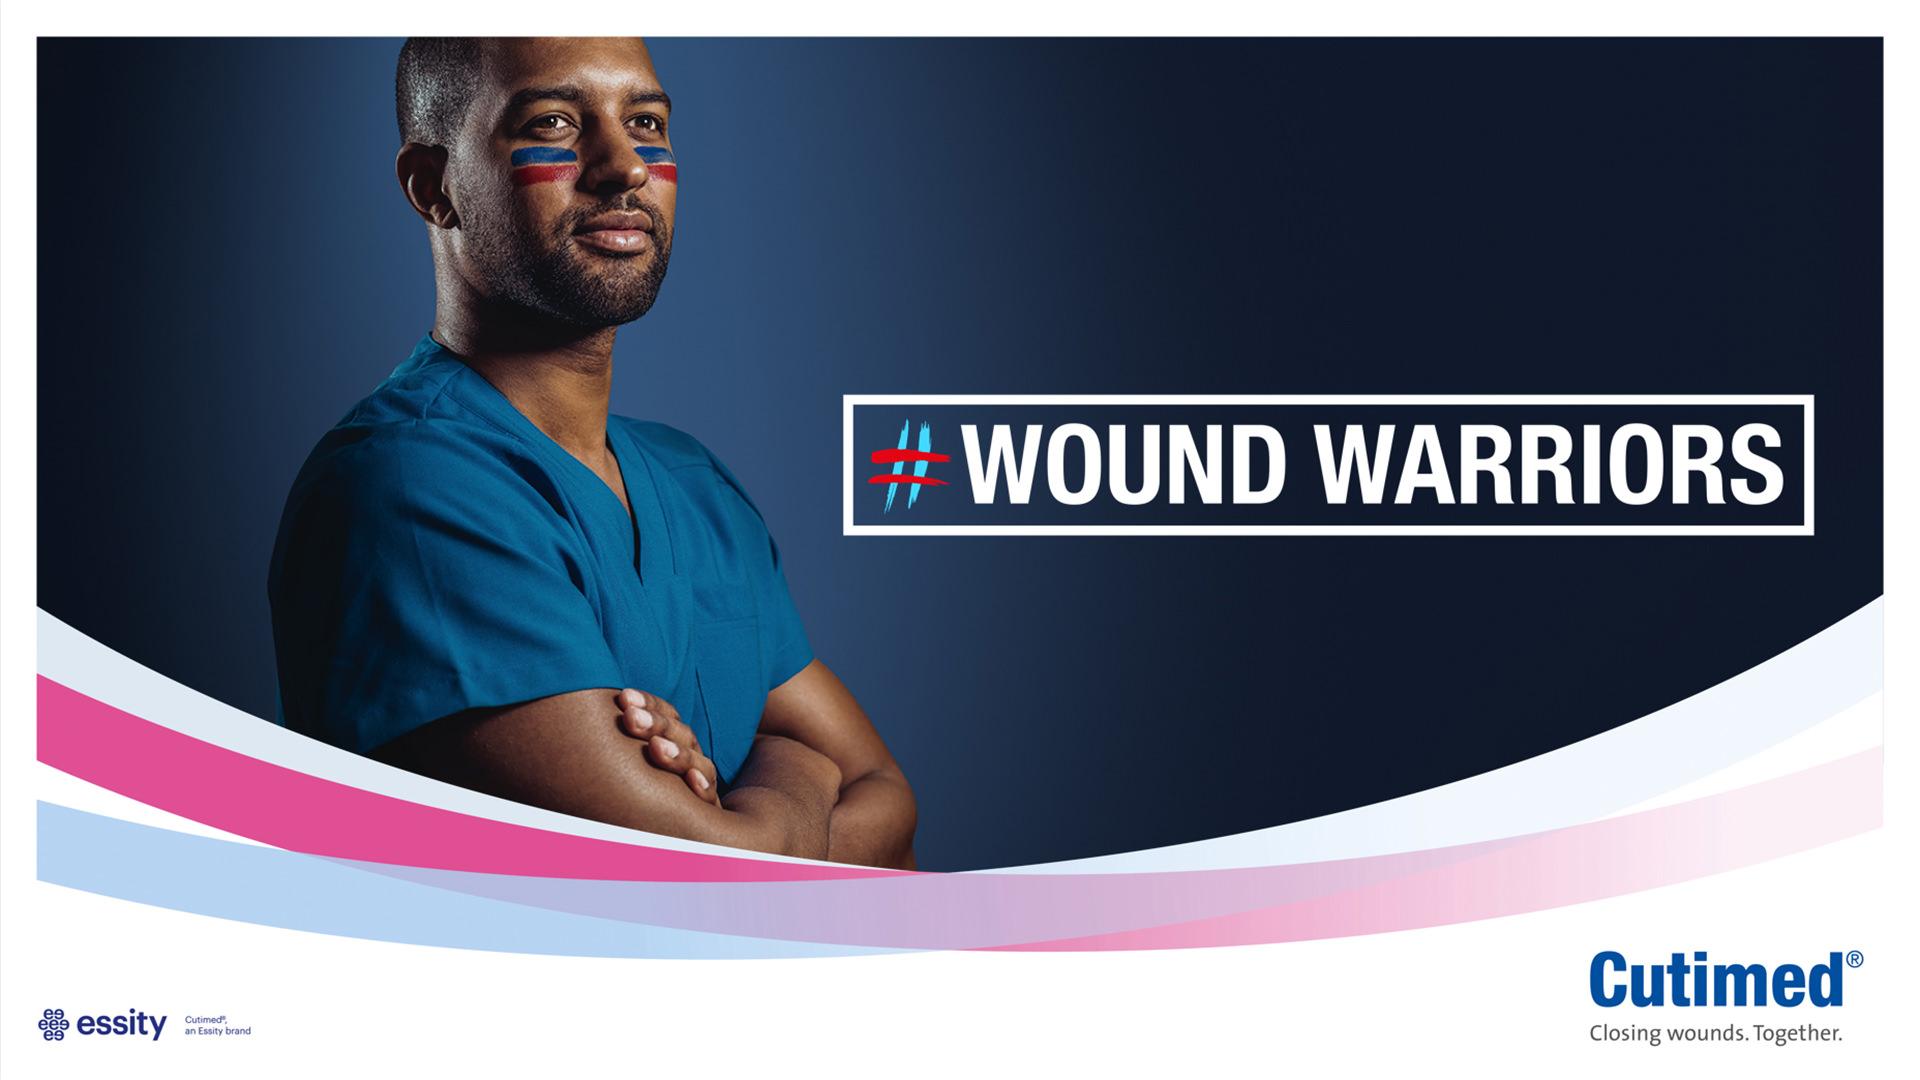 medizin-cutimed-health-wound-warrior